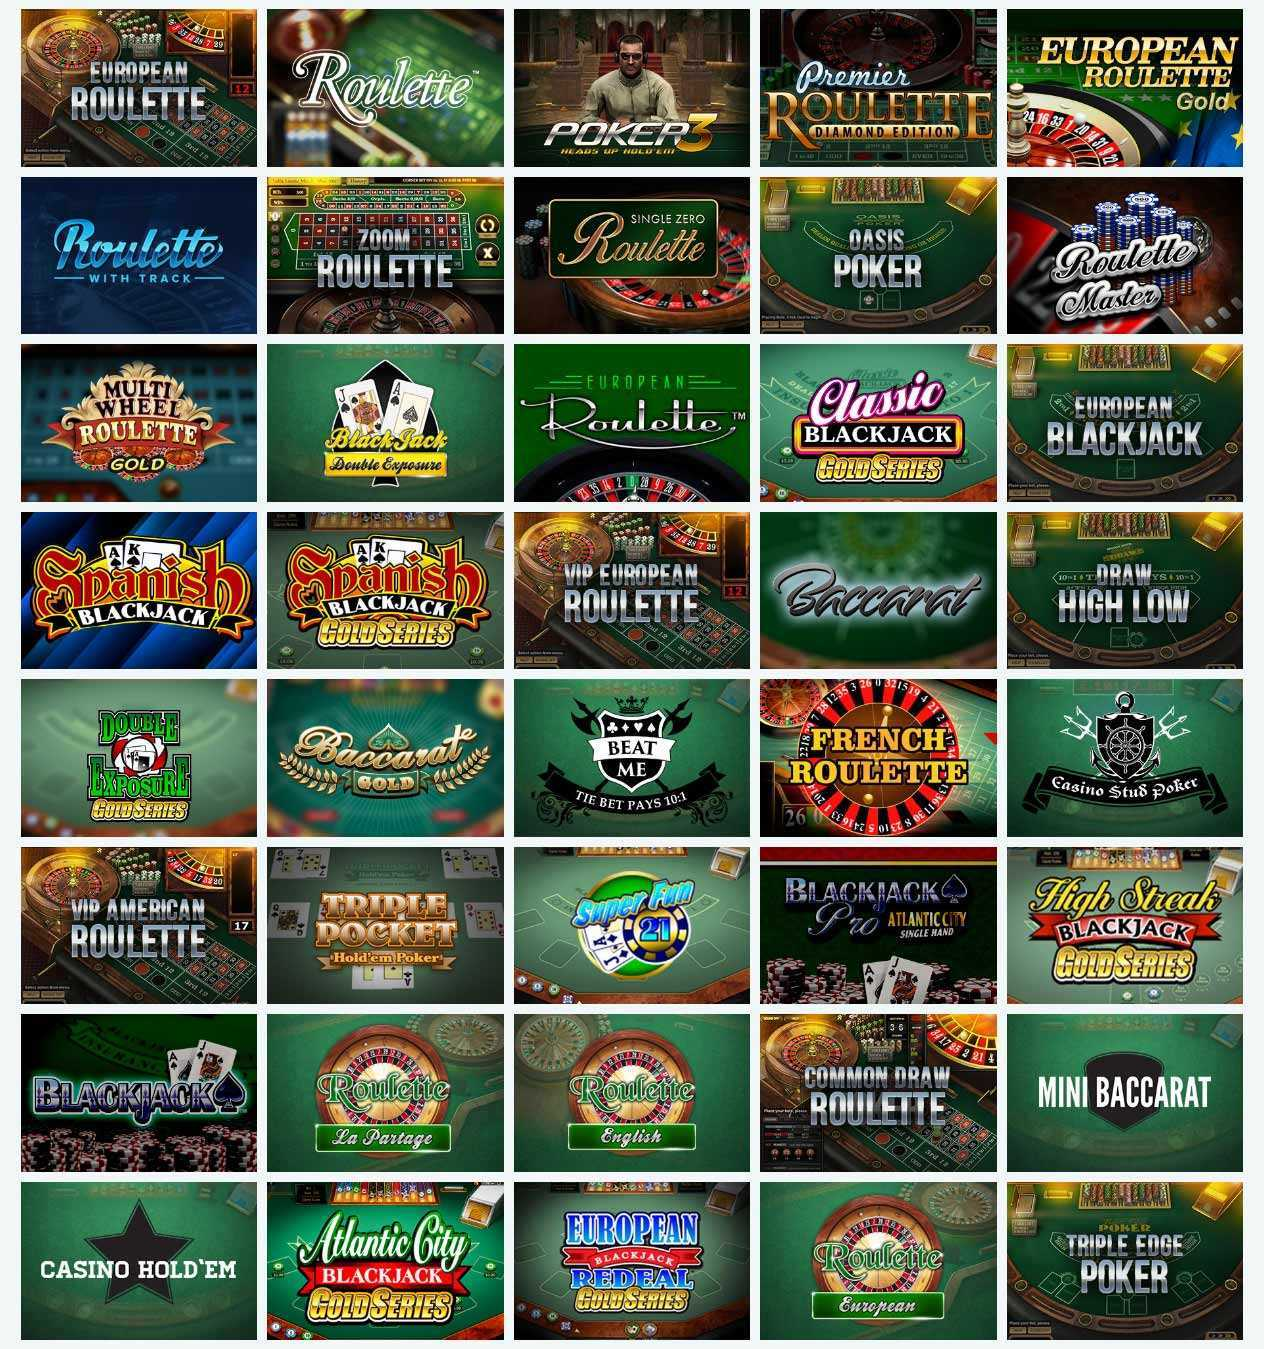 """[átverés] weboldal: superloto1.info - A Superlotto ingyen jegyet ad a """"6-ból 45-ből"""" lottóra"""